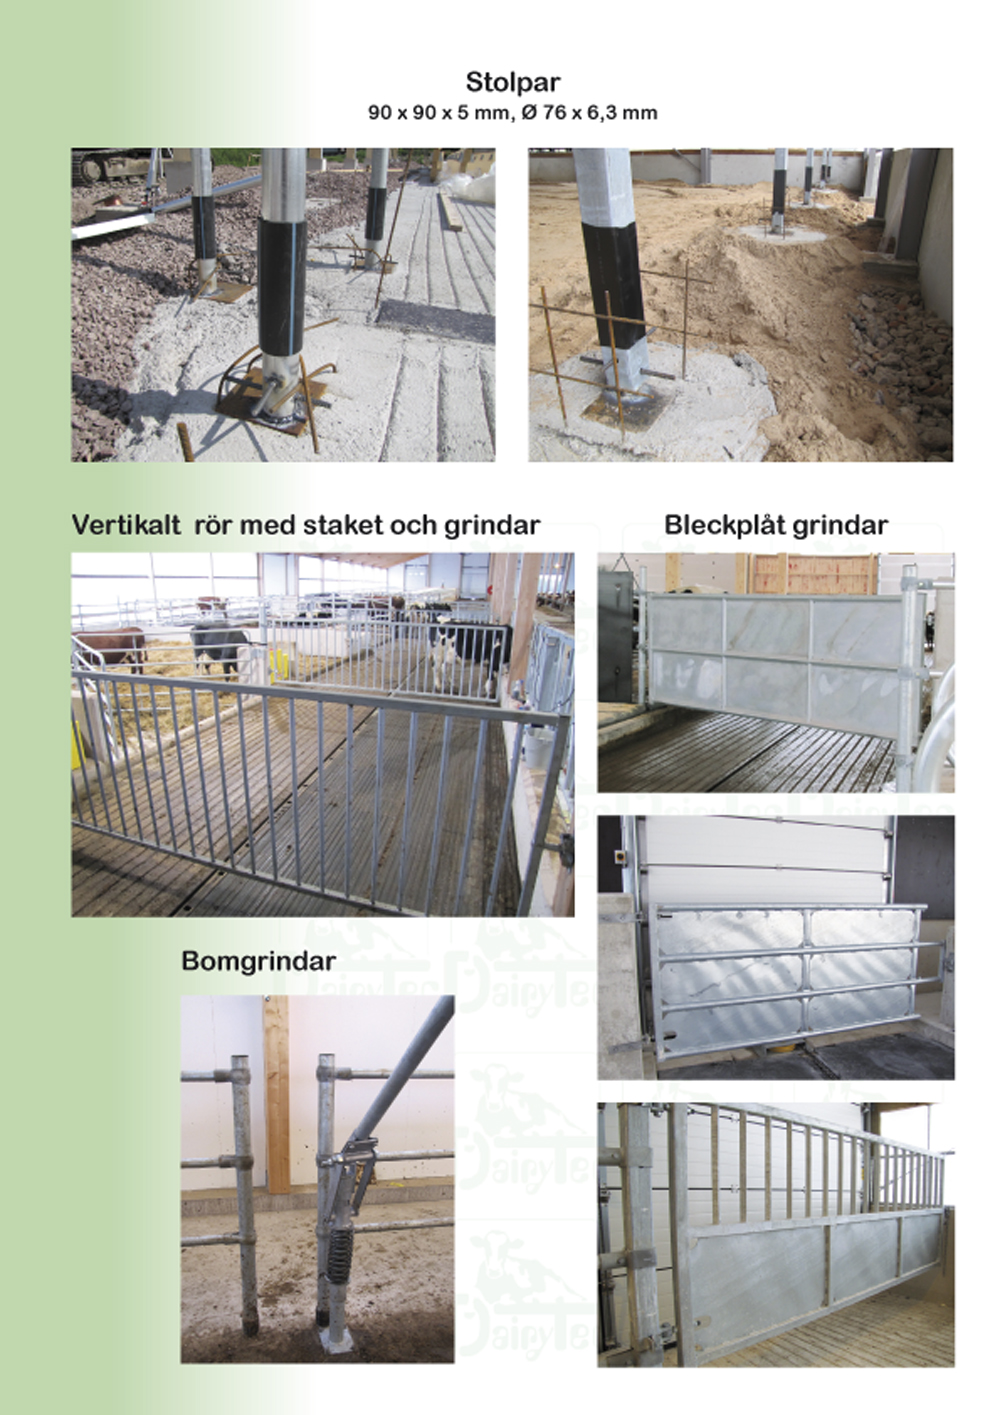 Dairytec oÜ – comfort farm – grindar och staket